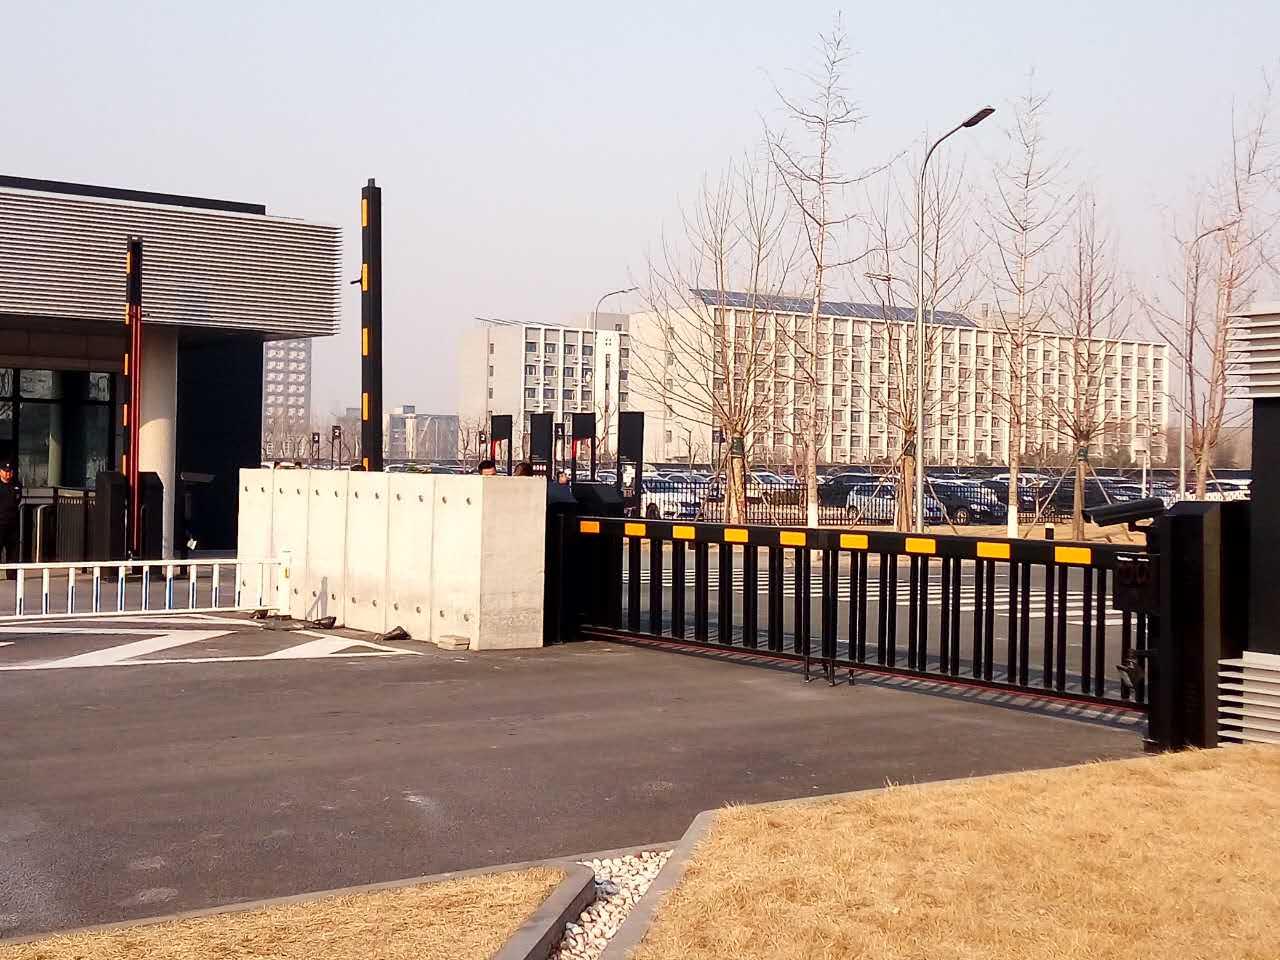 宝沃汽车空降门、通道闸、旗杆、围栏等一站式采购